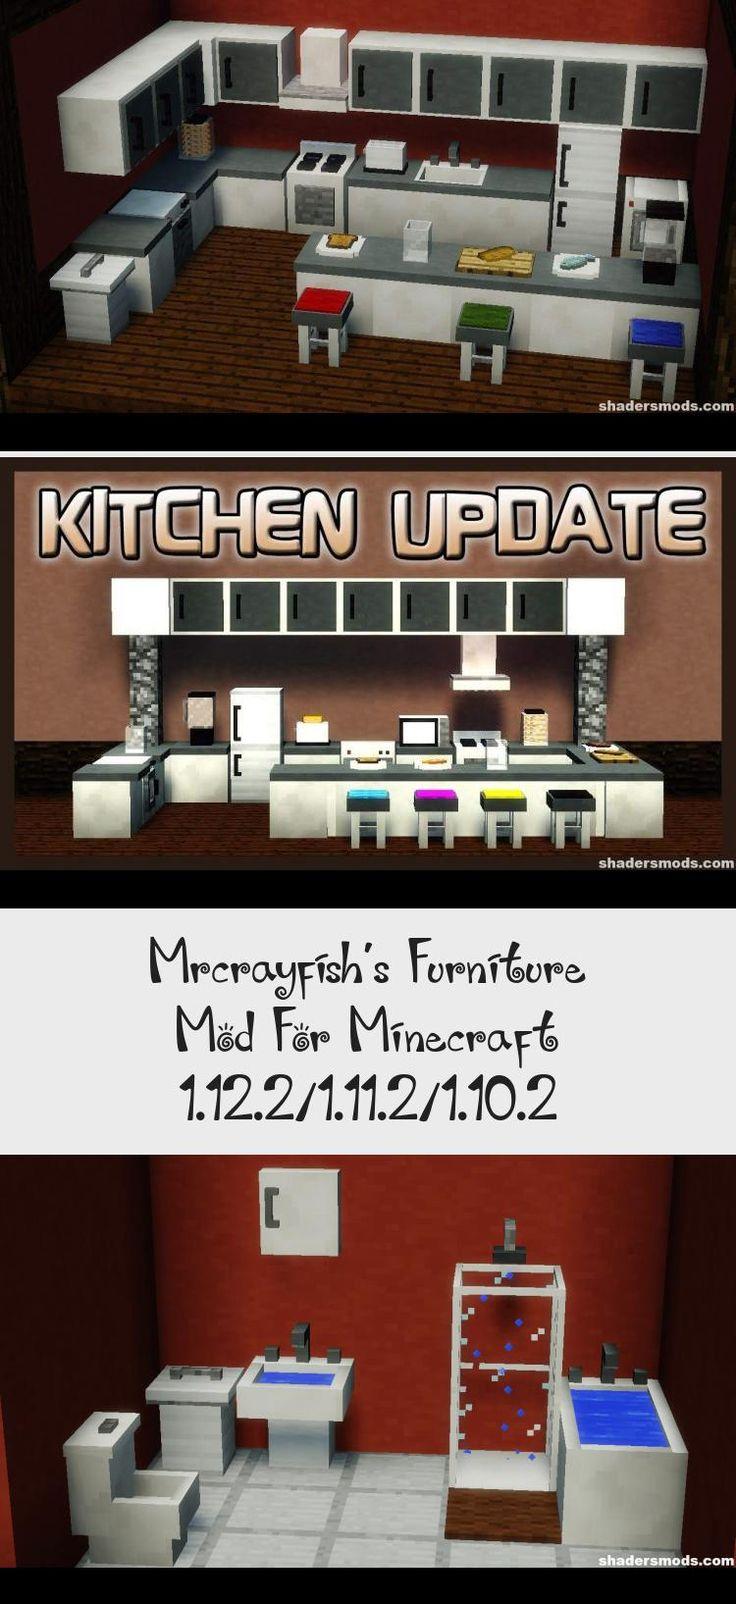 e6e5ebf10a70e8ecf18c536a01869452 - How To Get Mr Crayfish S Furniture Mod Minecraft Pe